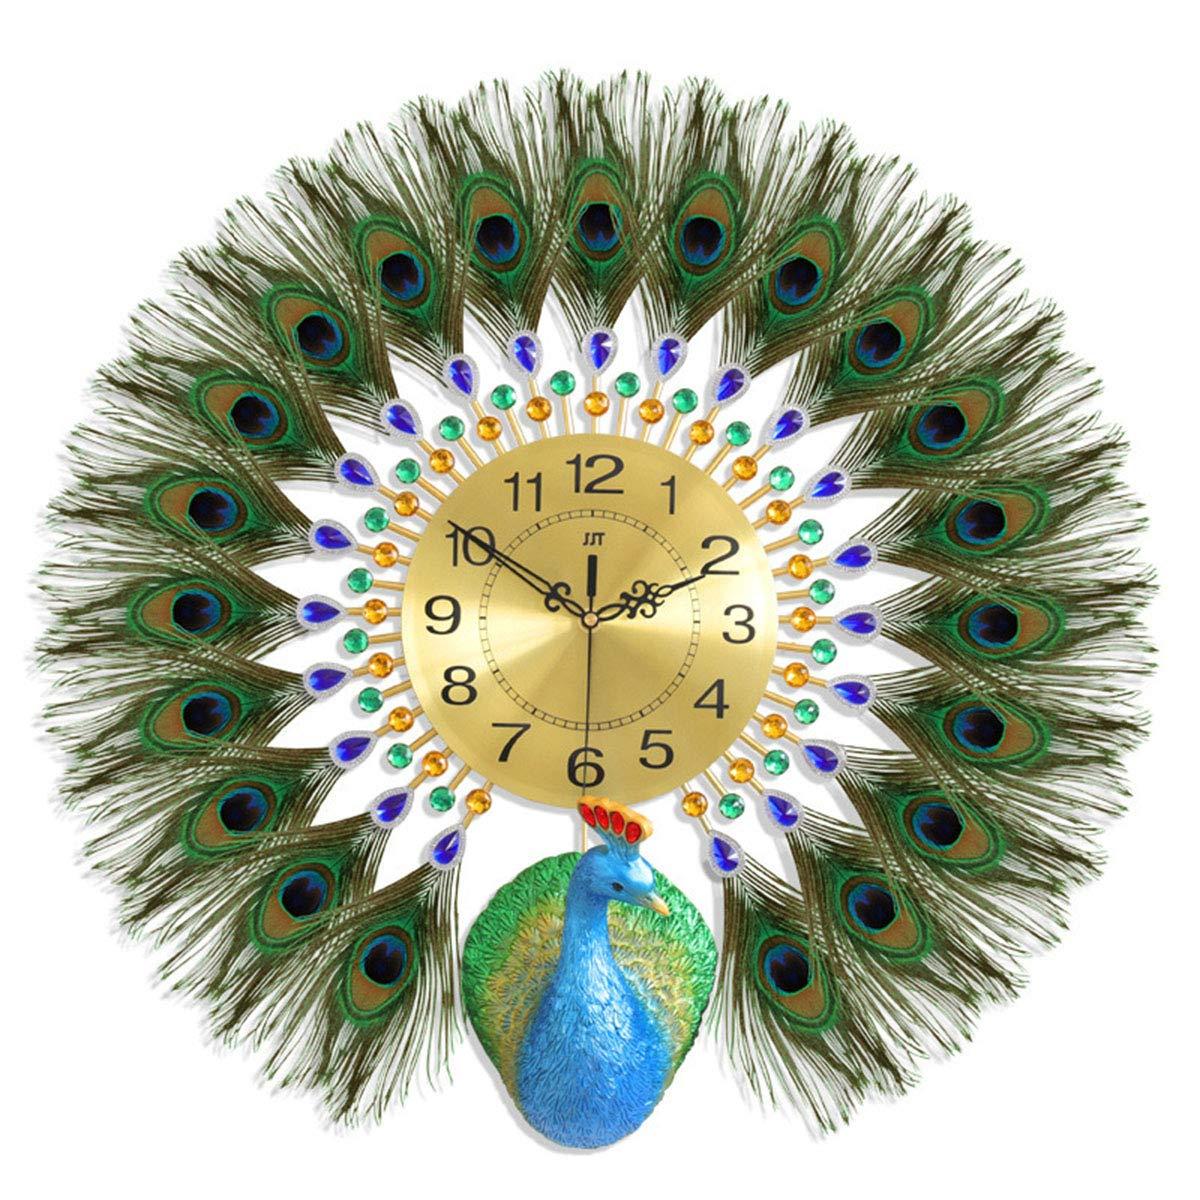 壁時計、現代の3D孔雀の羽のスタイリング時計クラシックファッションの家の装飾の壁時計の壁時計   B07SJ9T69G